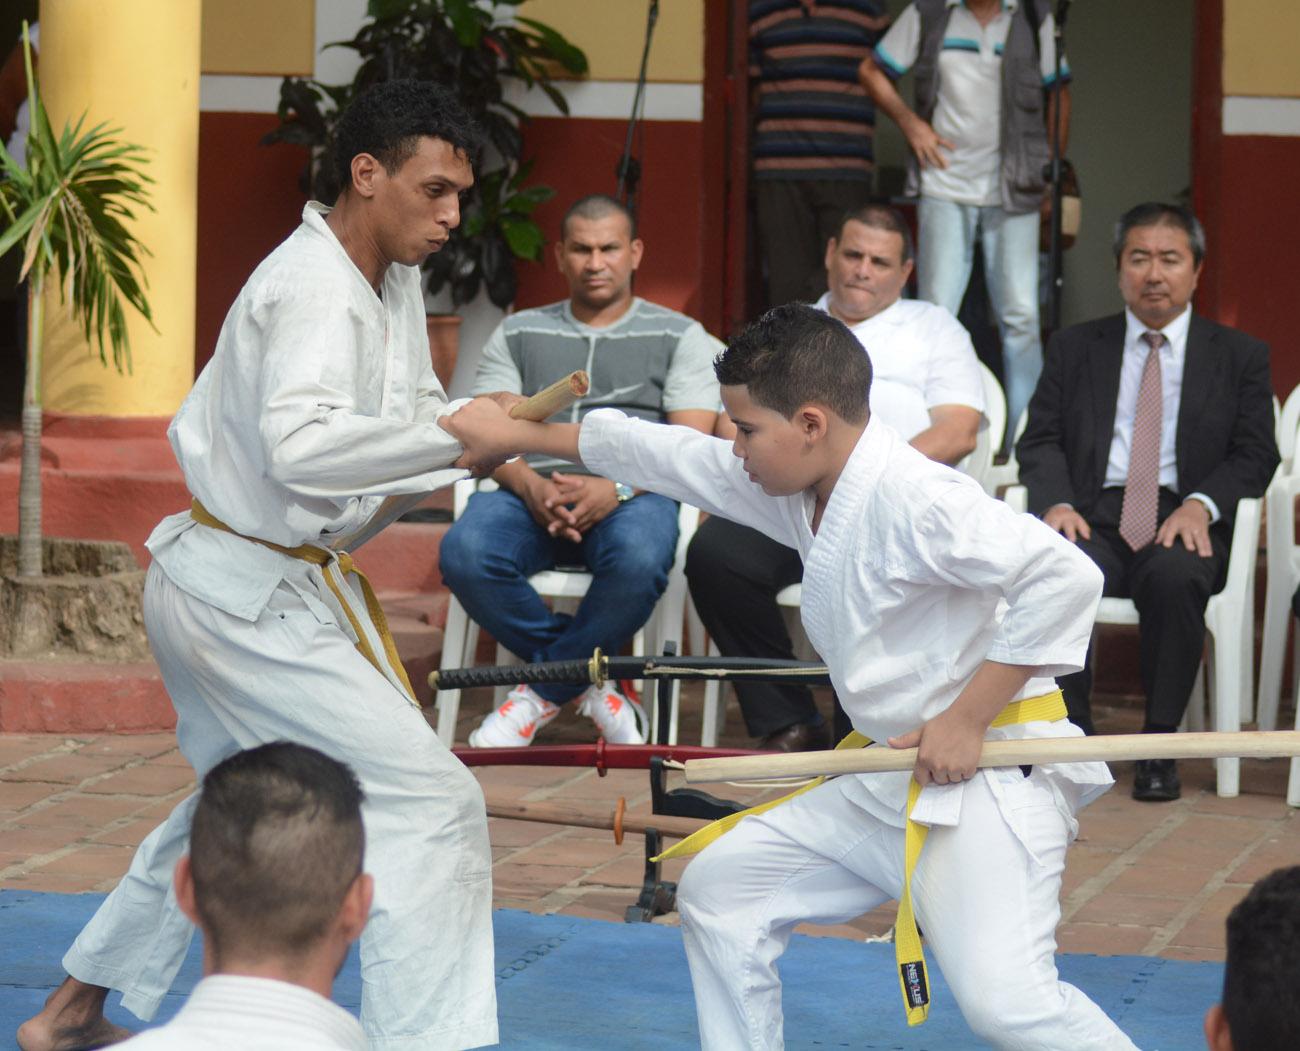 artes marciales, japón, cuba, casa de la guayabera, cultura